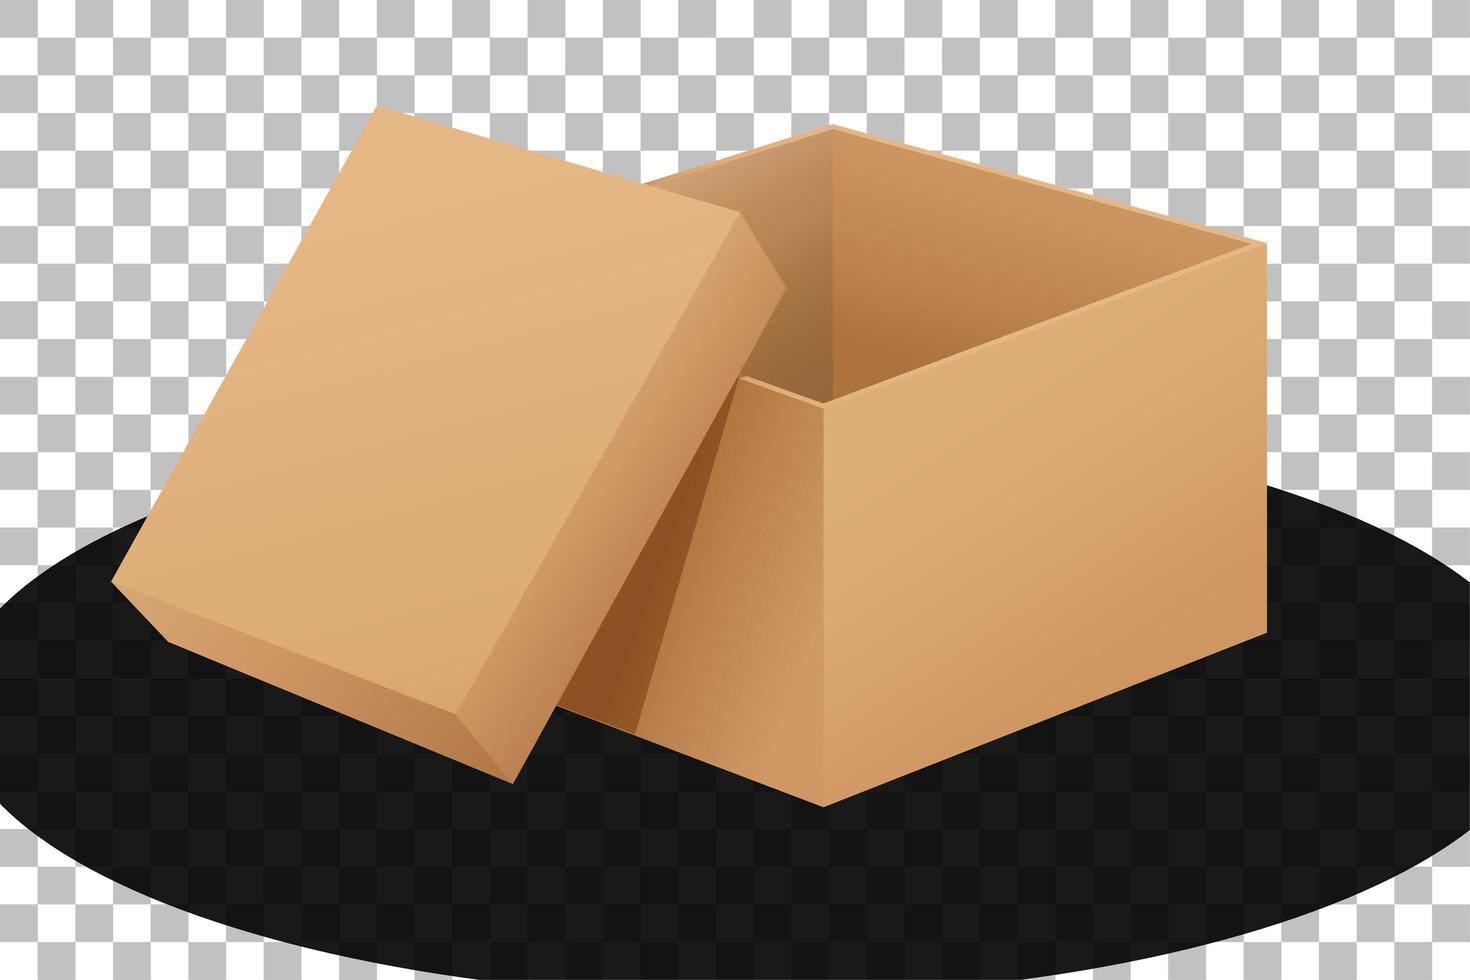 Karton isoliert geöffnet geöffnet vektor